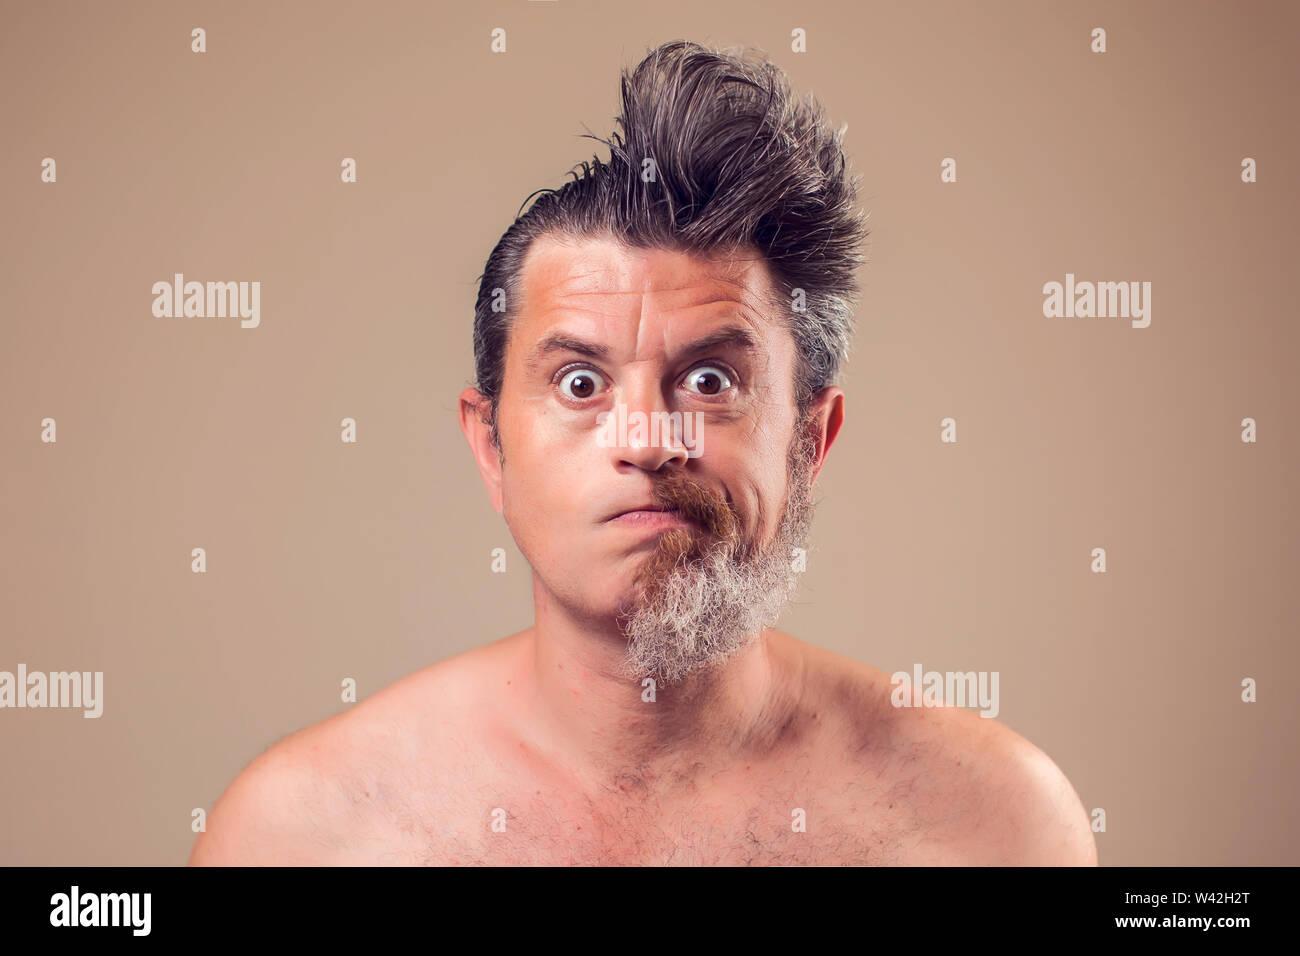 Un ritratto di uomo con la metà di barba e capelli su sfondo marrone Foto Stock